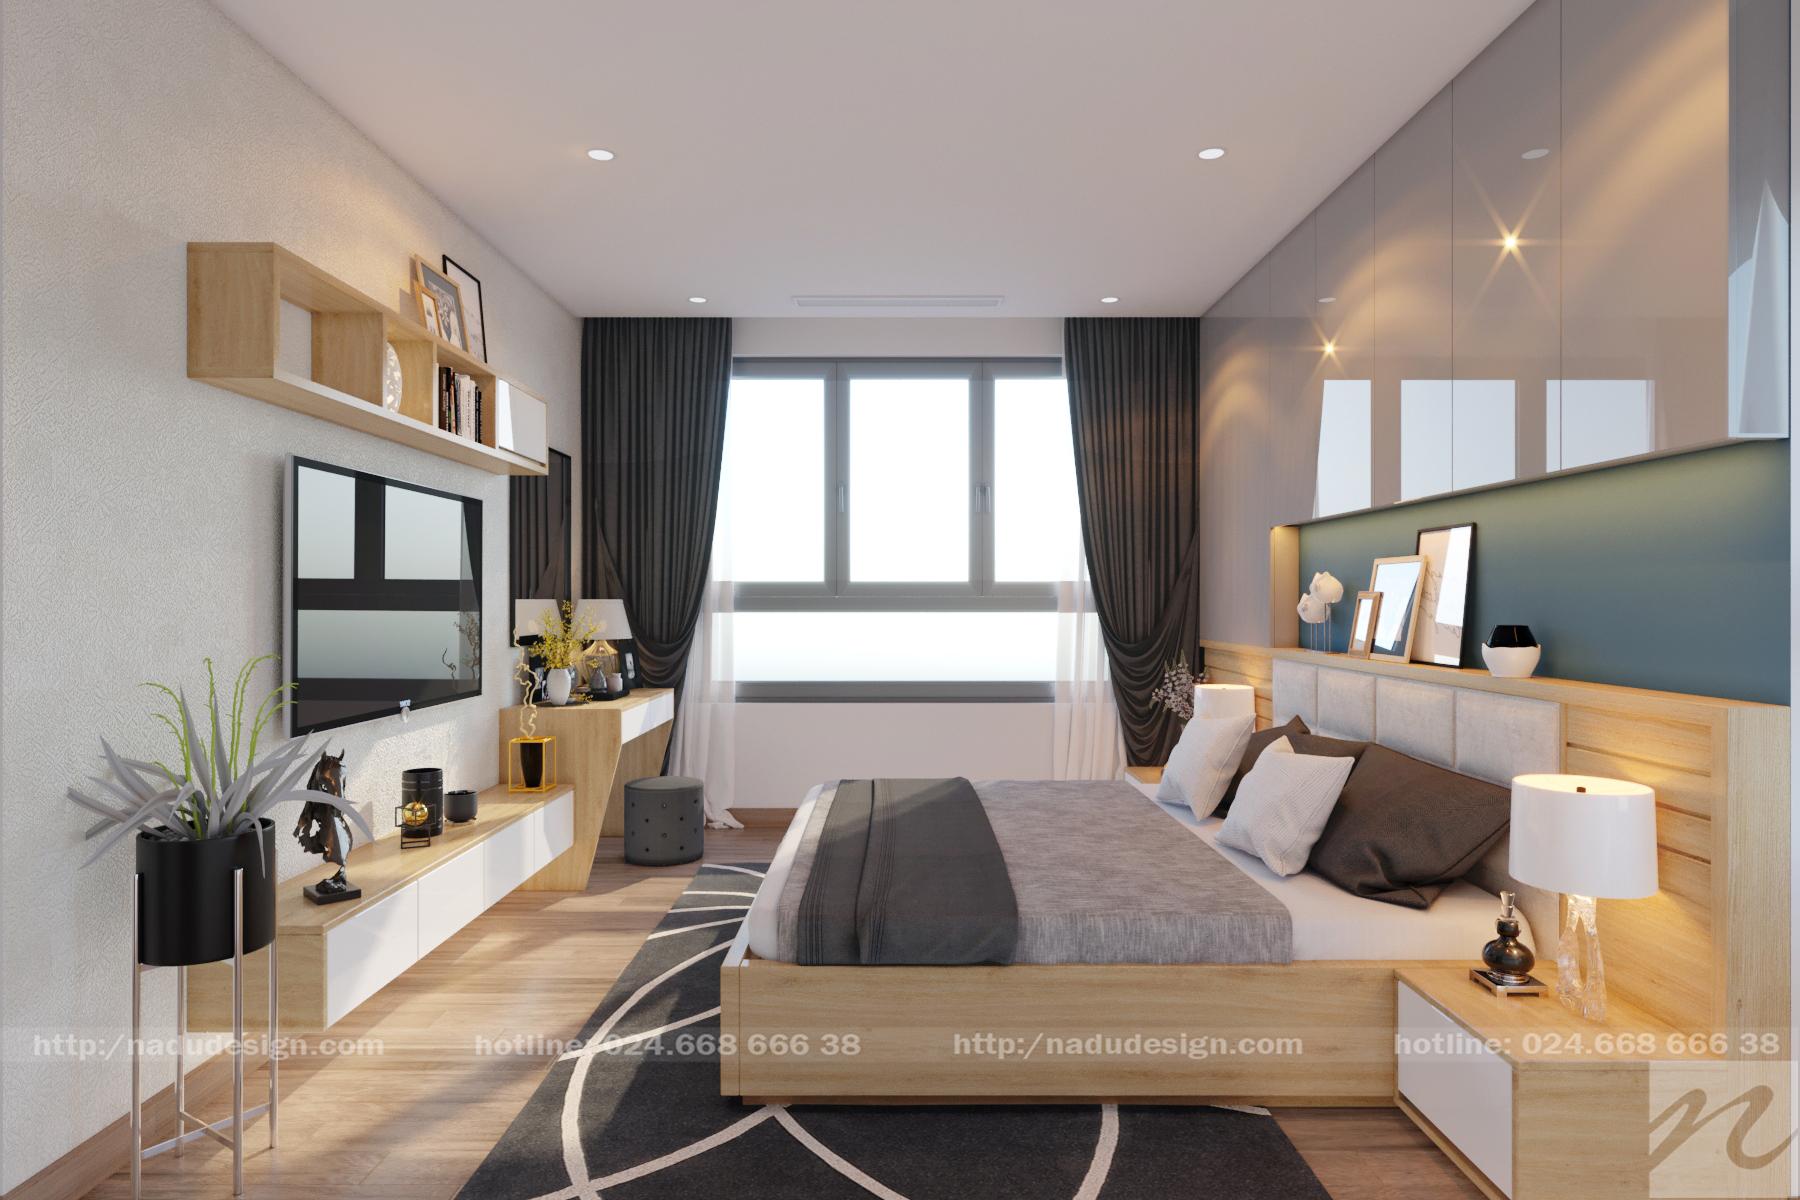 Mẫu thiết kế nội thất 25m vuông đẹp sang trọng